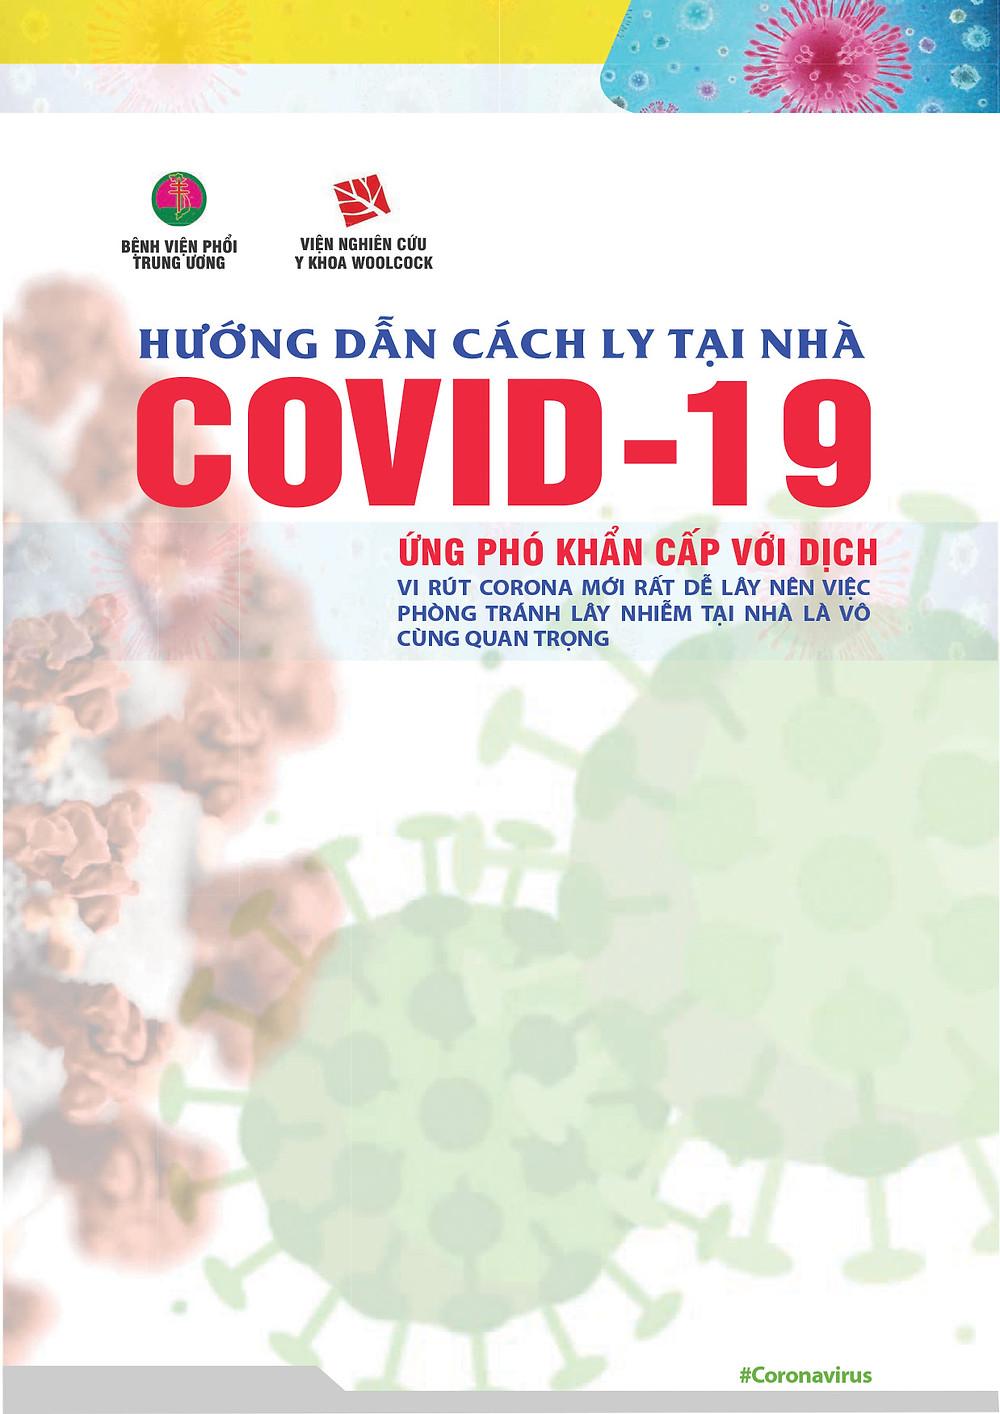 File In A0 A4 Hướng Dẫn Cách Ly Tại Nhà CORONA COVID-19